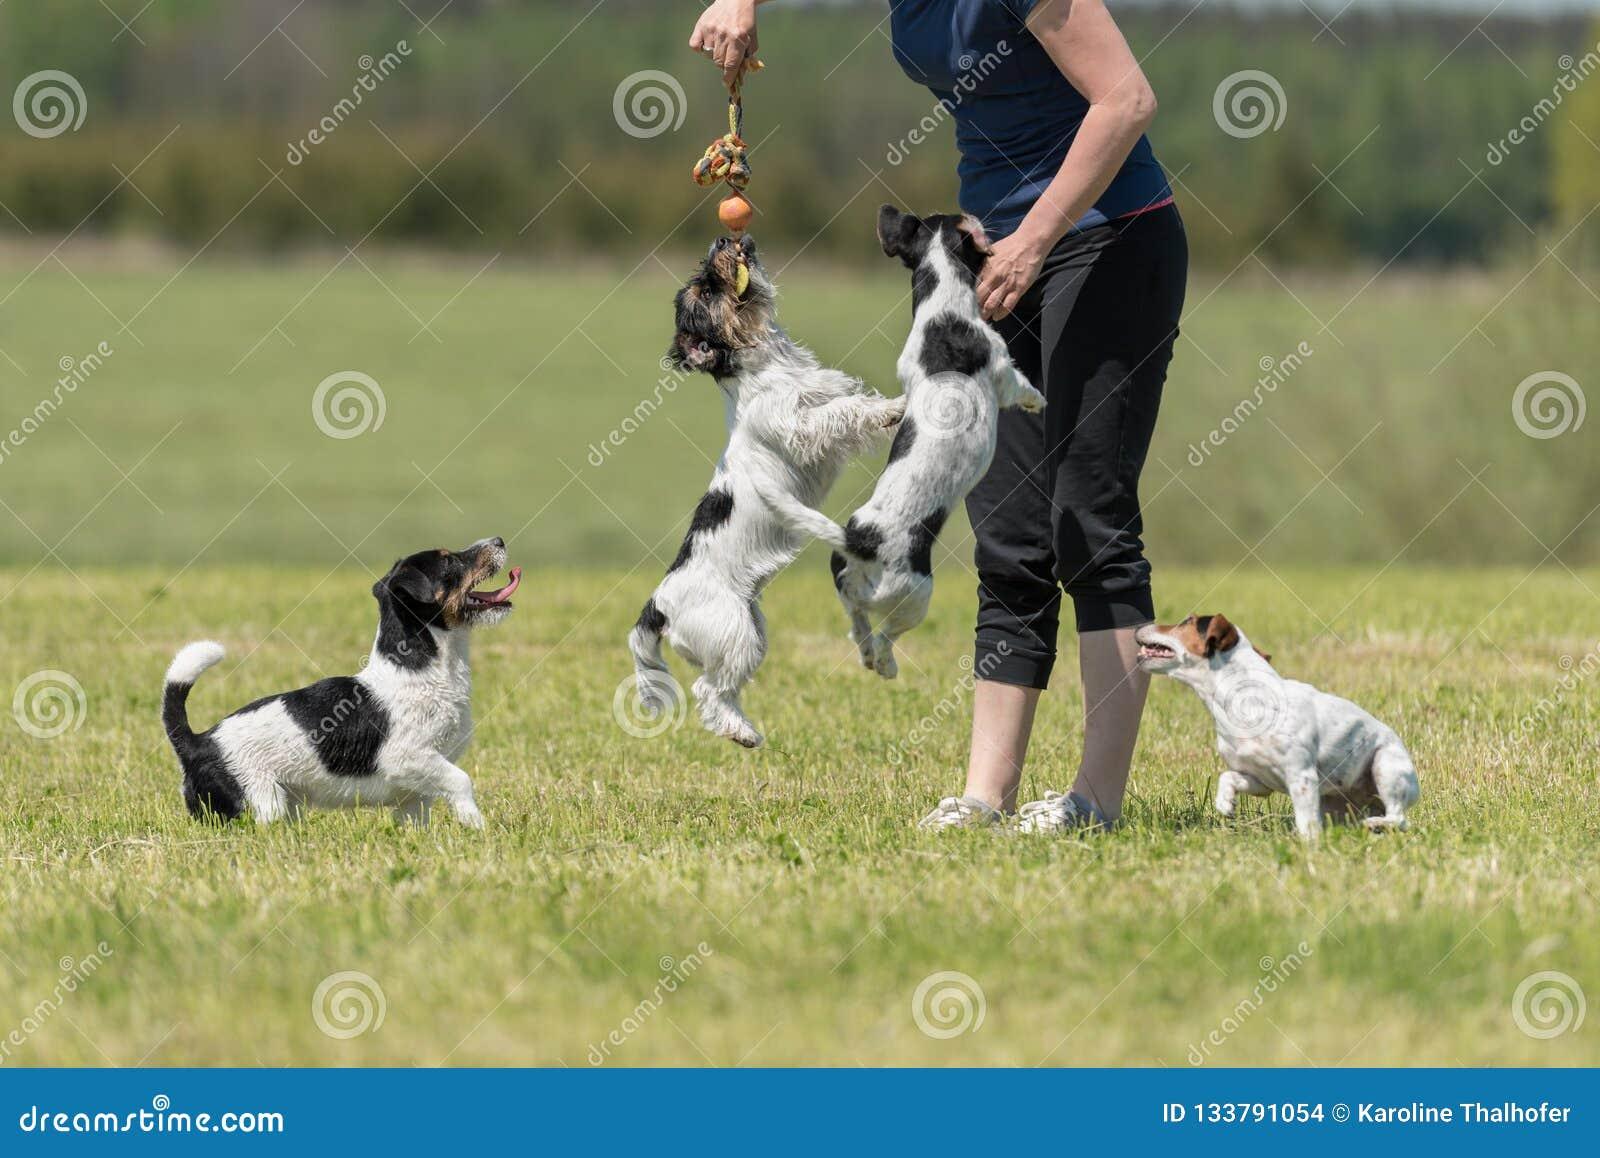 Ägaren går och spelar med många hundkapplöpning på en äng